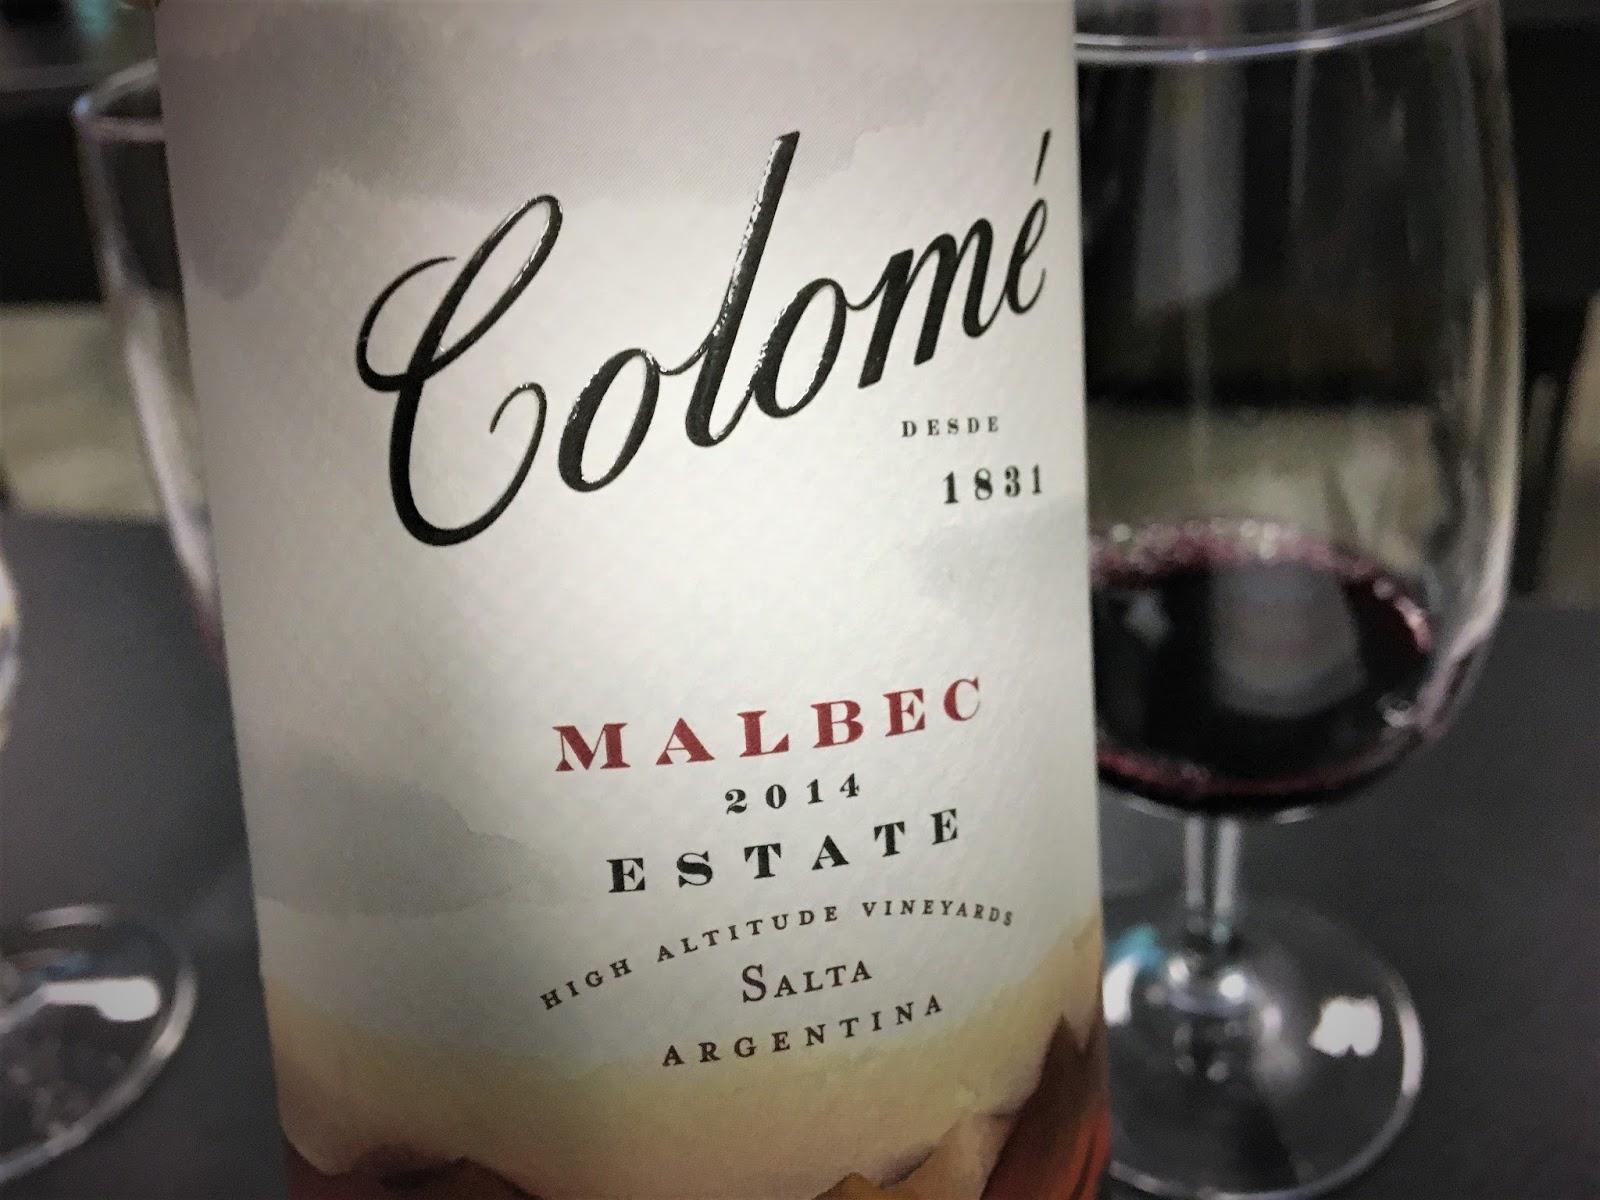 Wine of the Week: 2014 Bodega Colome Estate Malbec, Salta HAV